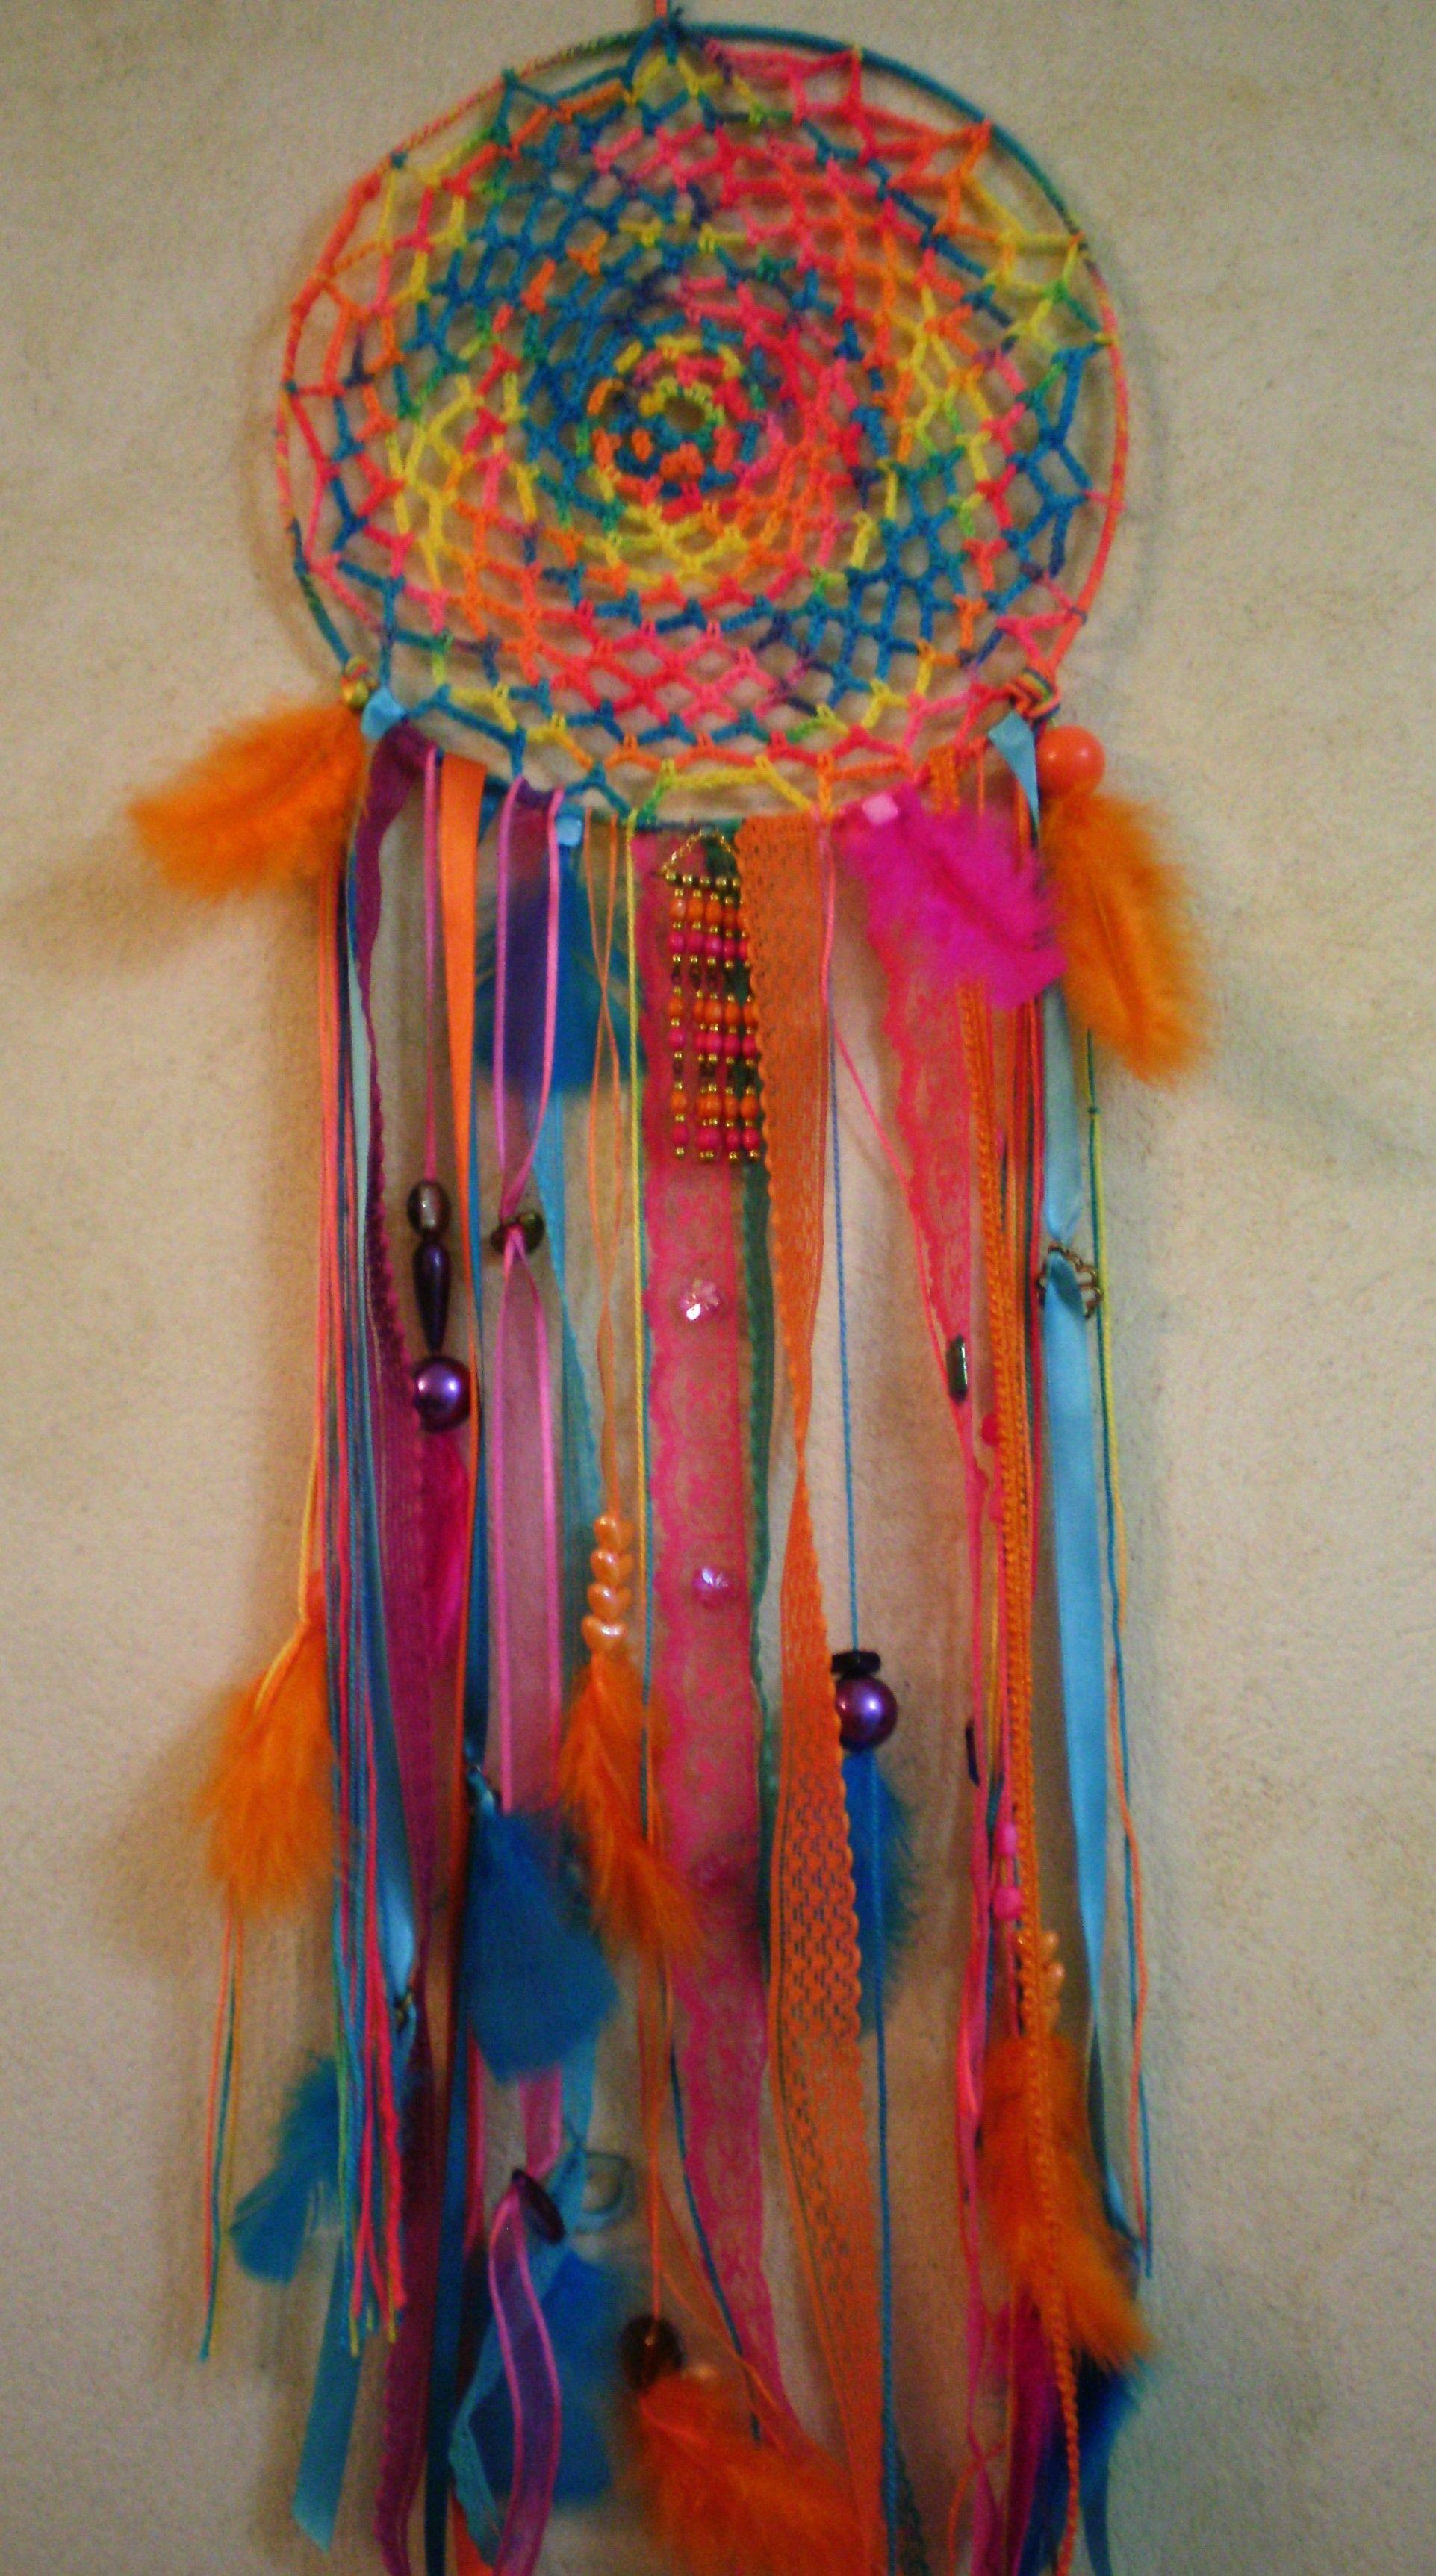 Atrapasueños tejidos al crochet, con detalles de cintas, puntillas, galones, pasamanería, plumas, cuentas, mostacillas y accesorio de bijou.